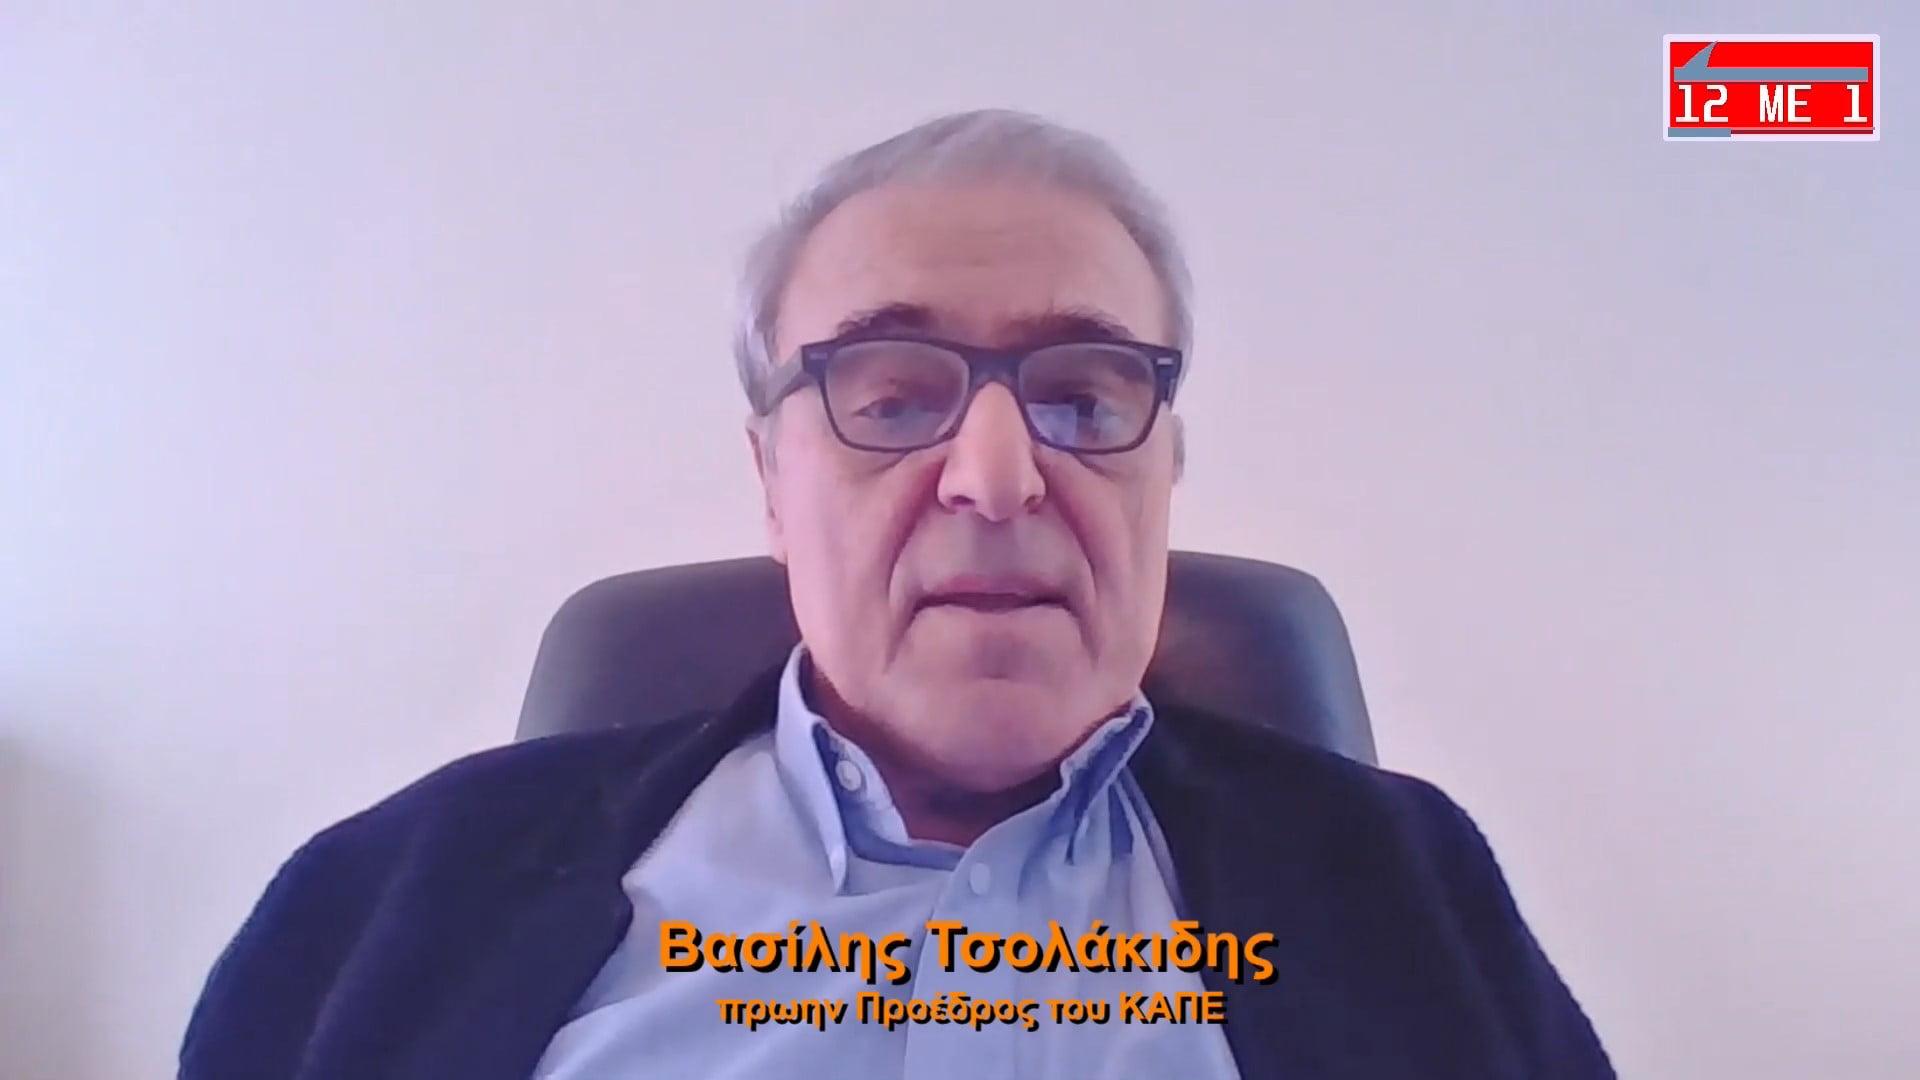 Βασίλης Τσολάκίδης: Η κλιματική ουδετερότητα ως μοχλός οικονομικής σύγκλισης